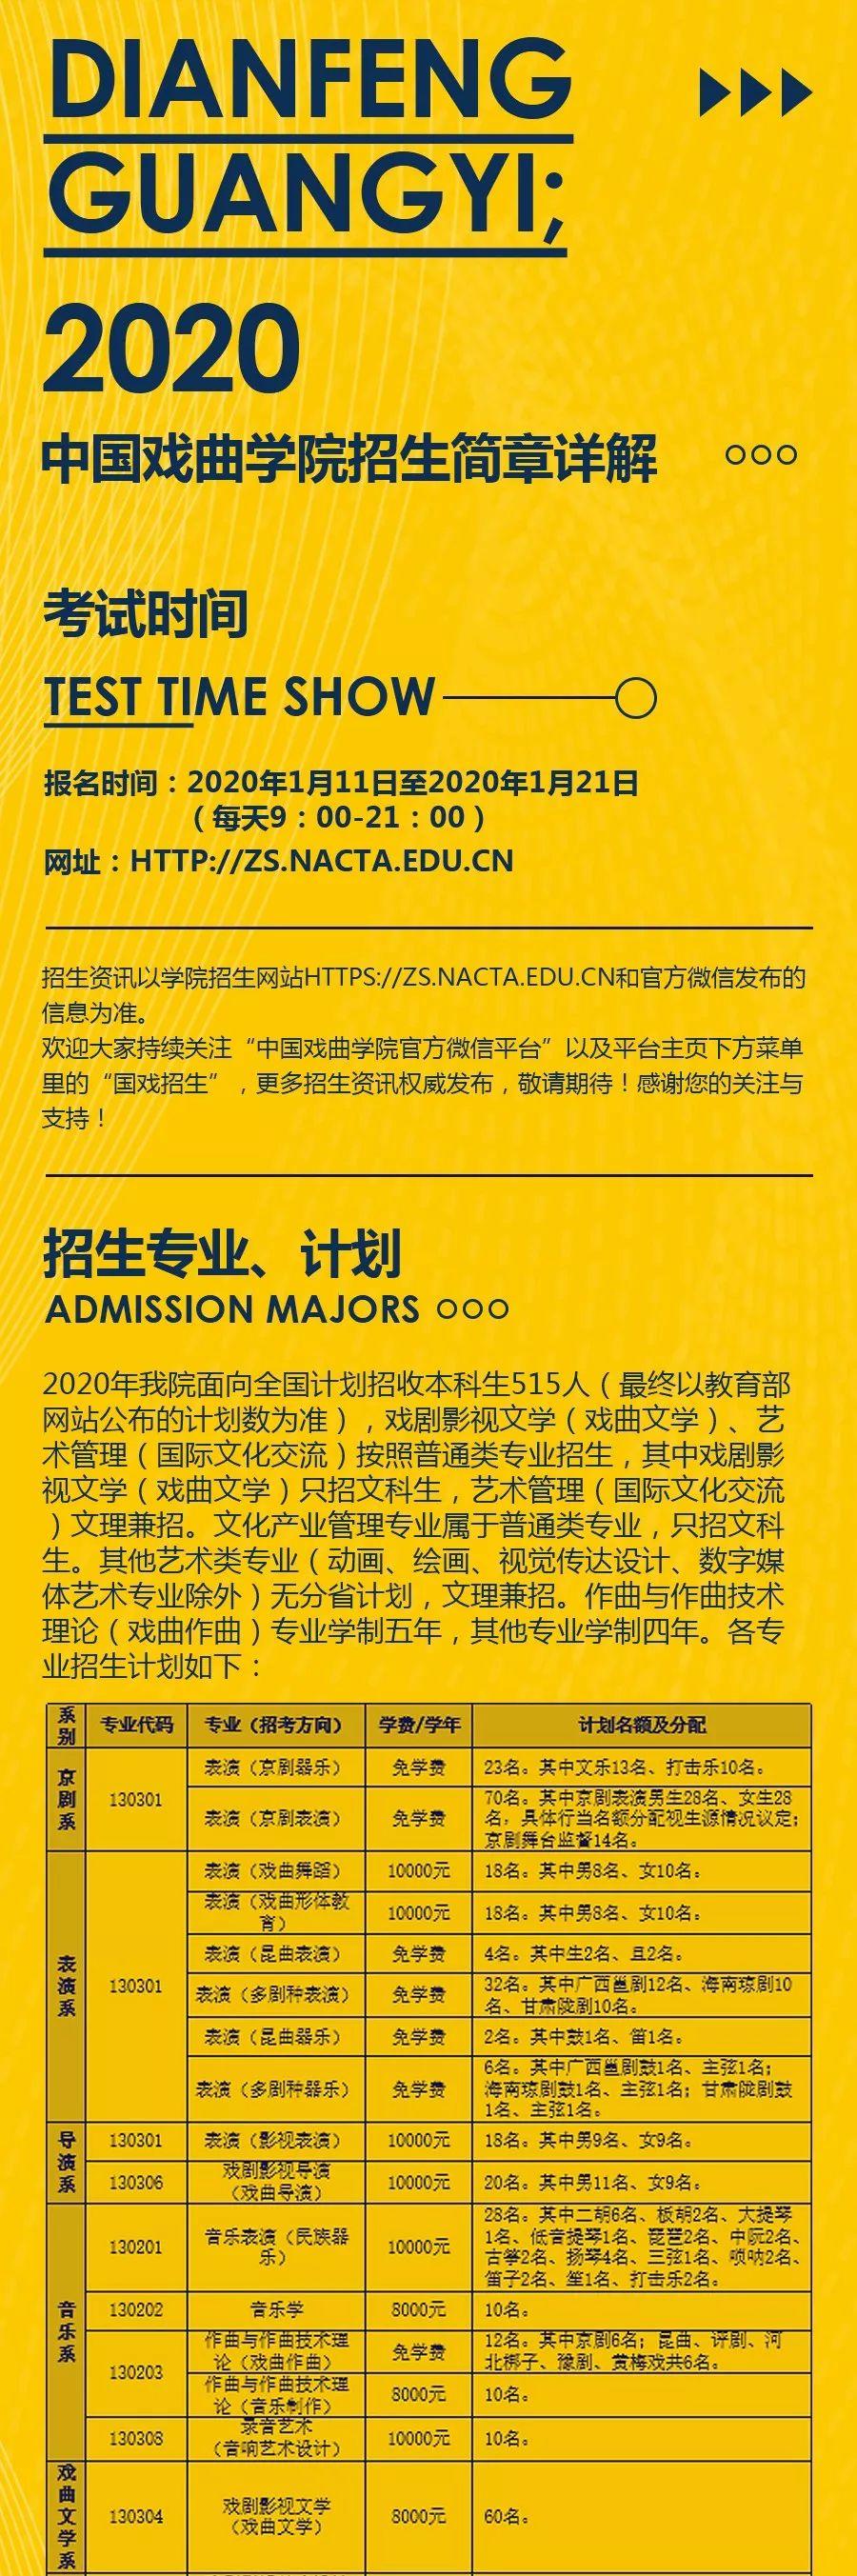 中国传媒大学,北京电影学院,中央戏剧学院,北京巅峰广艺画室       62